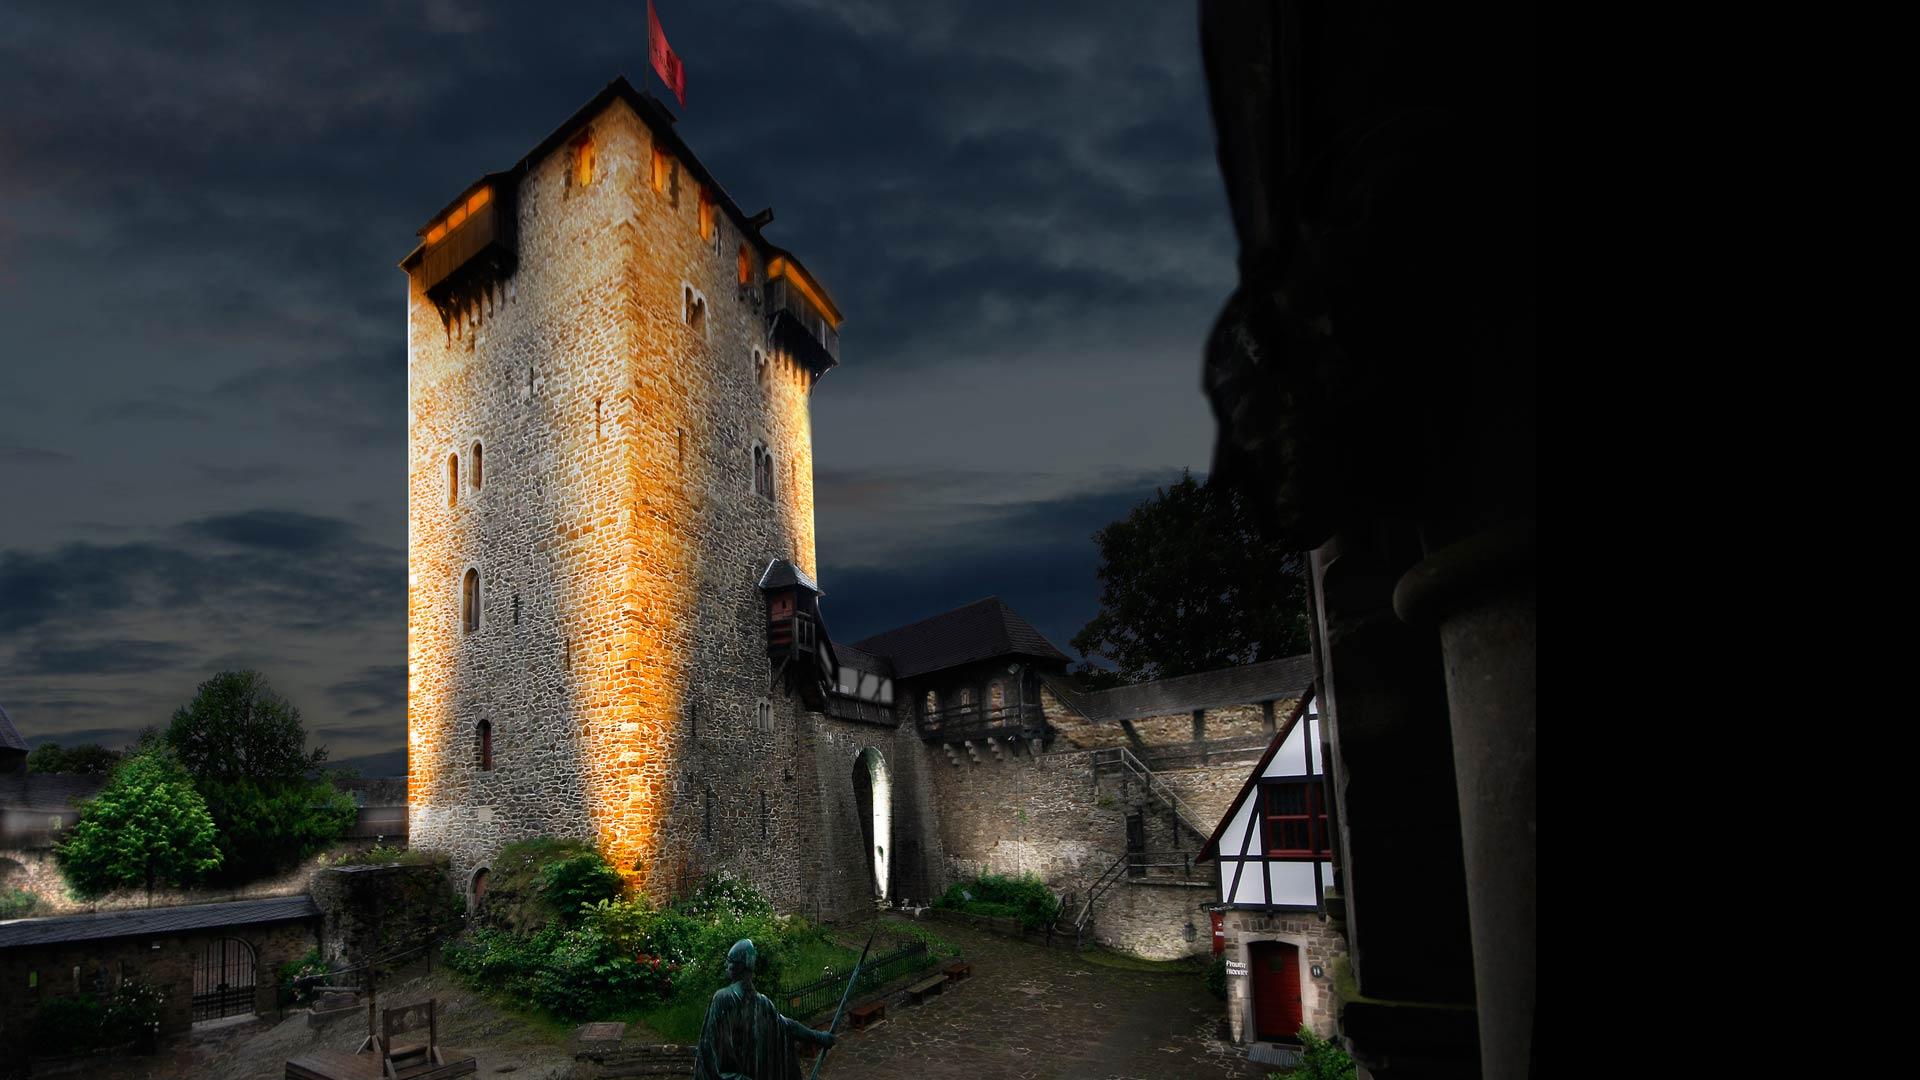 MAASS-Lichtplanung_Wettbewerbsbeitrag Lichtinszenierung Schloss Burg__MAASS-Licht-SchlossBurg-05